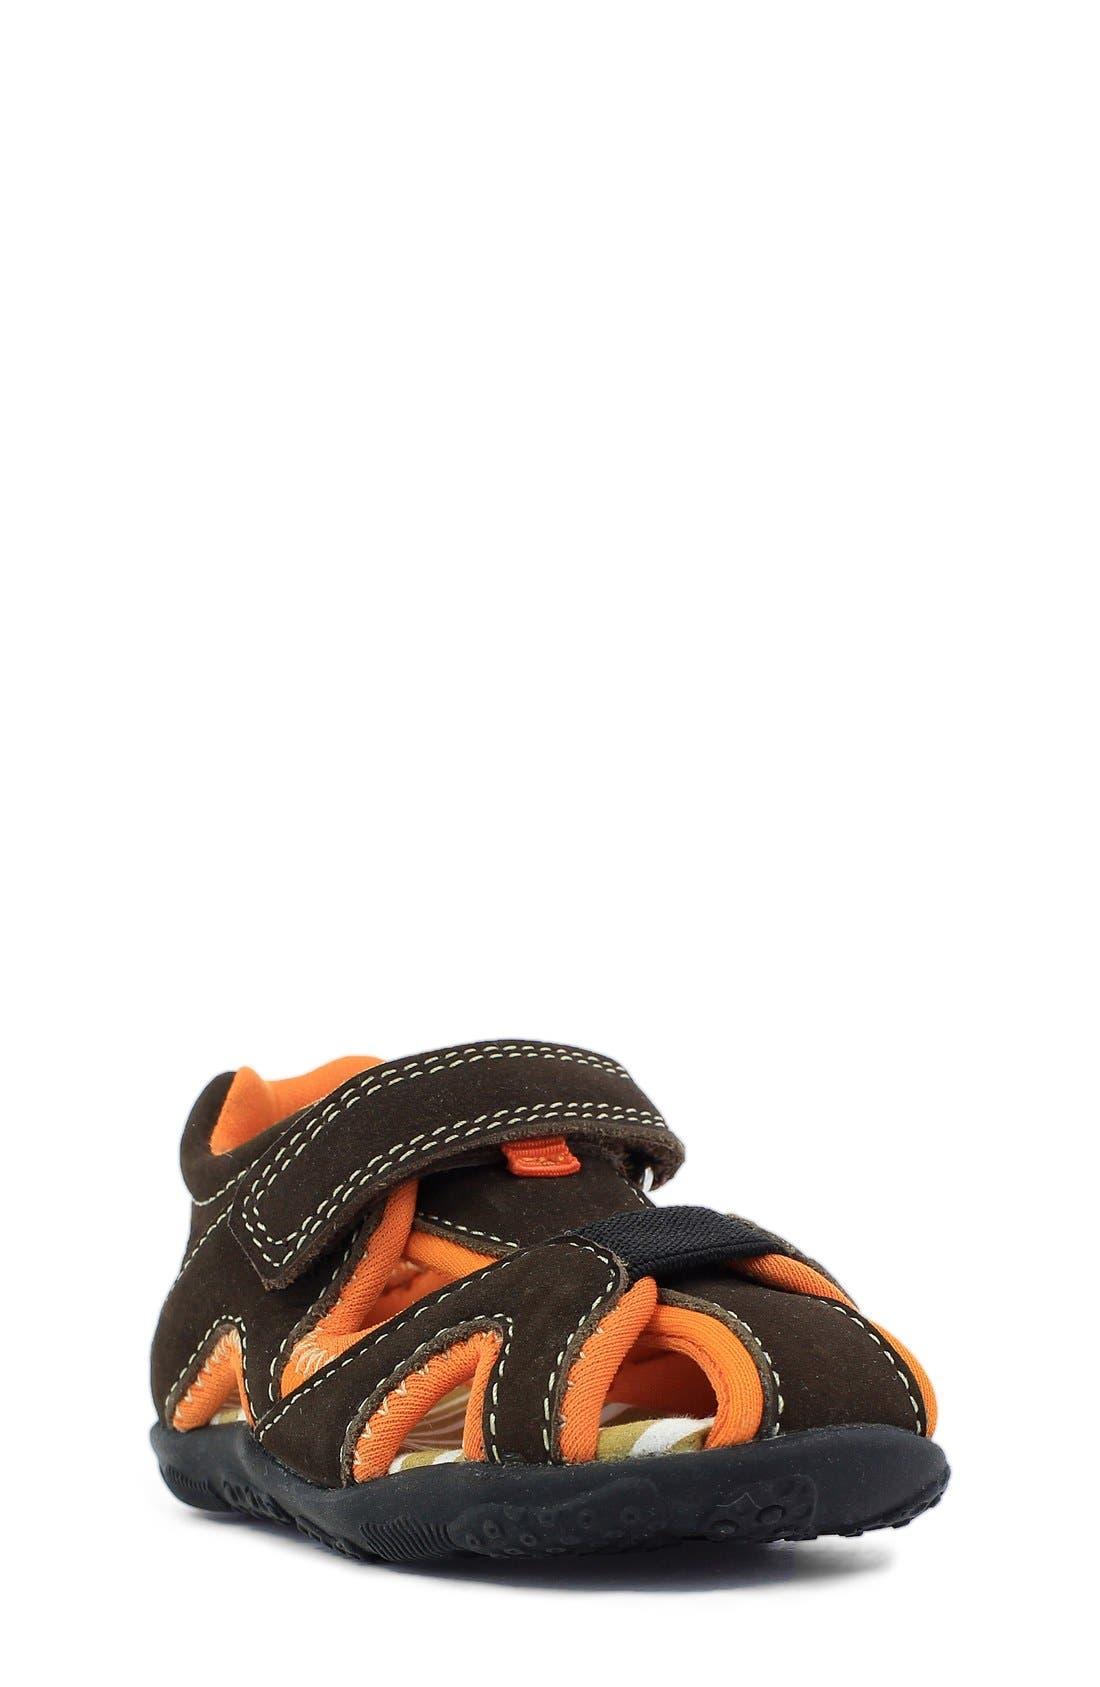 UMI 'Nolan' Sandal